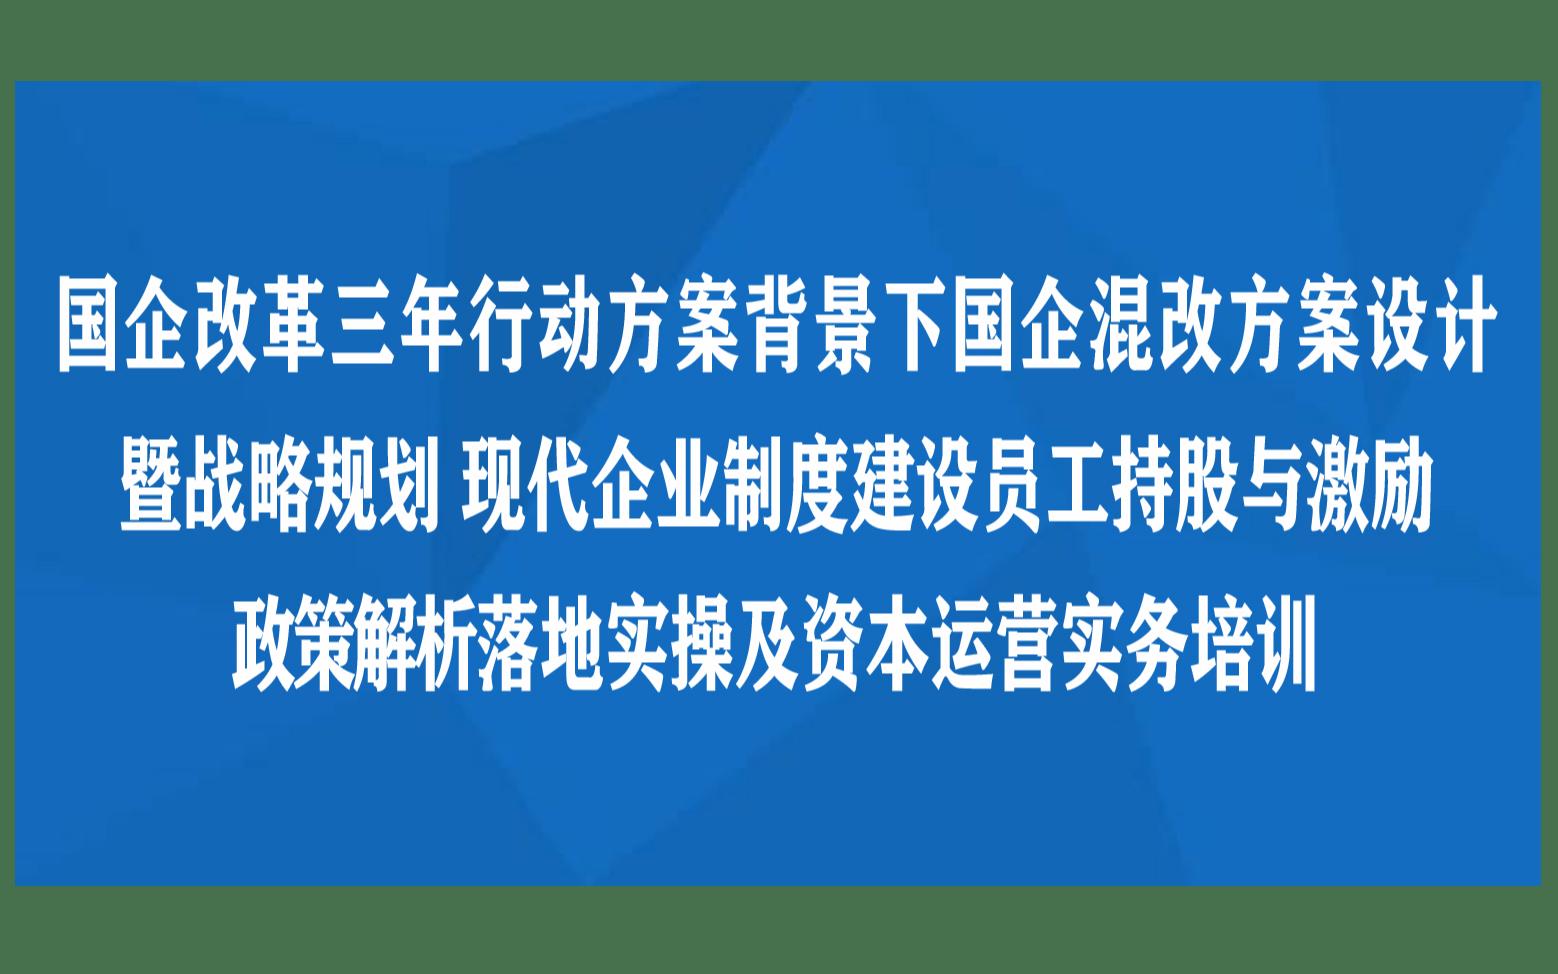 国企改革三年行动方案背景下国企混改方案设计暨战略规划现代企业制度建设员工持股与激励政策解析落地实操及资本运营实务南京12月培训班